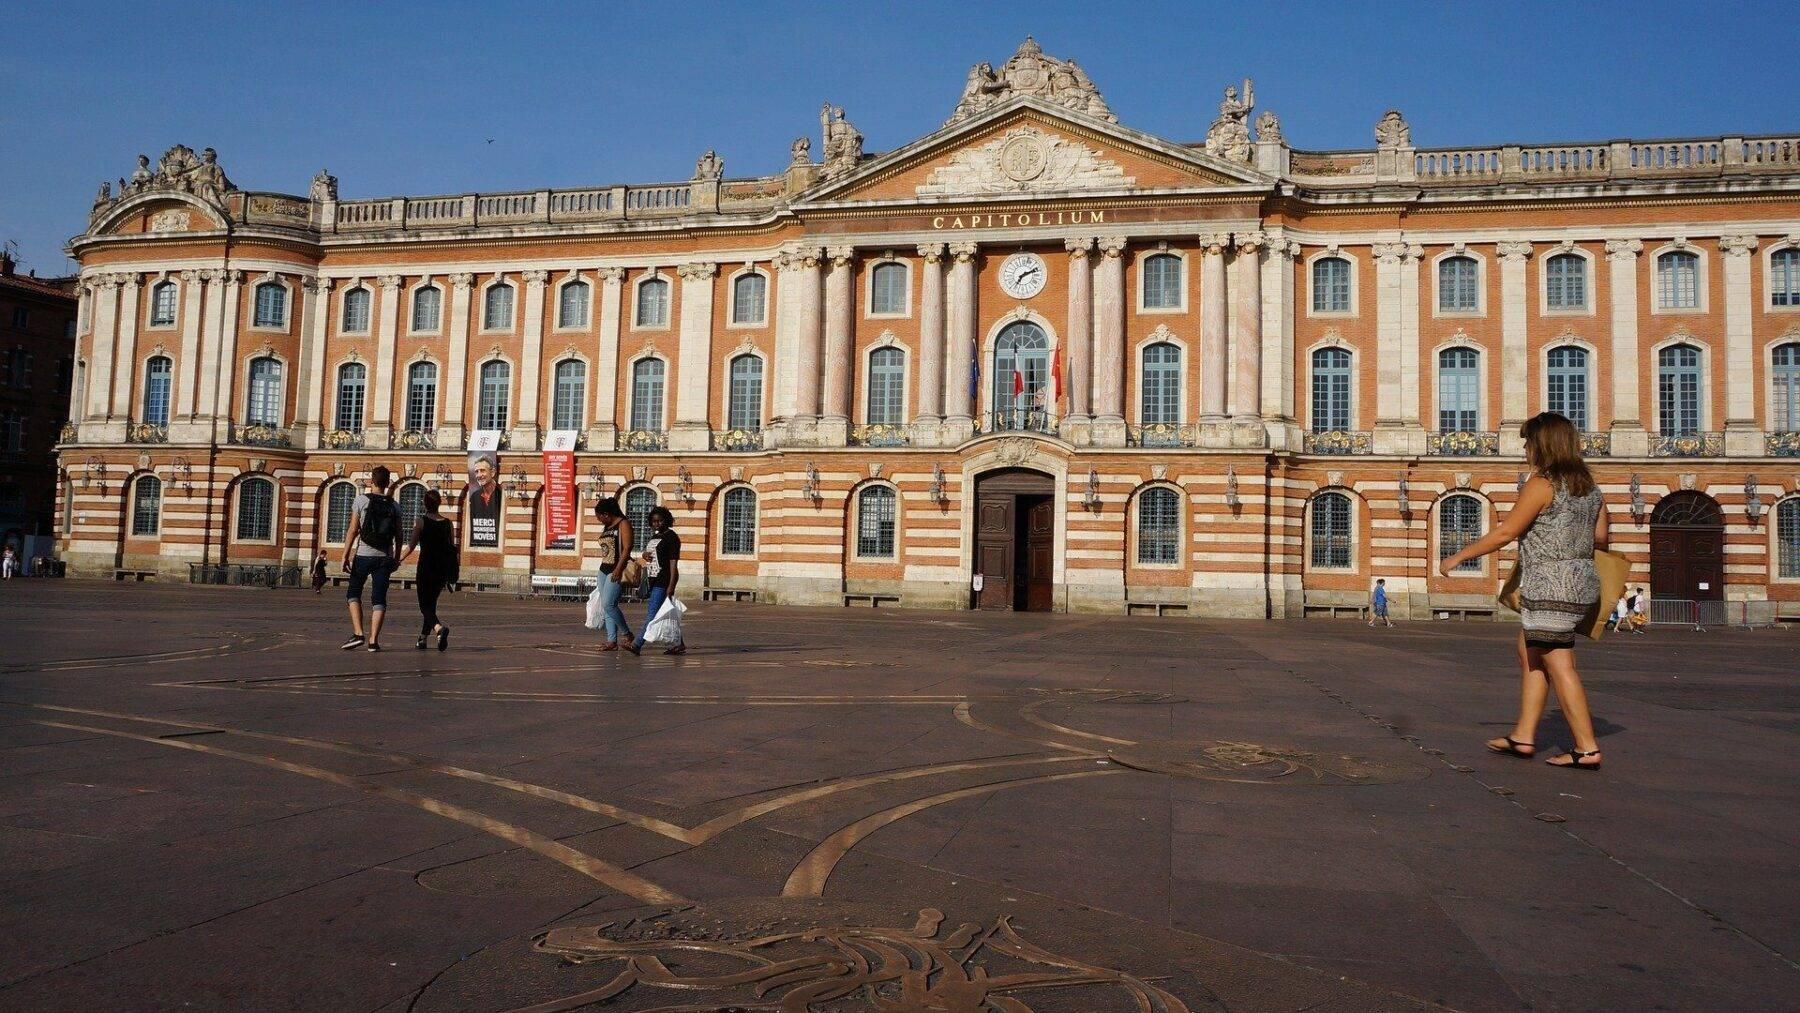 Toulouse Place Capitole